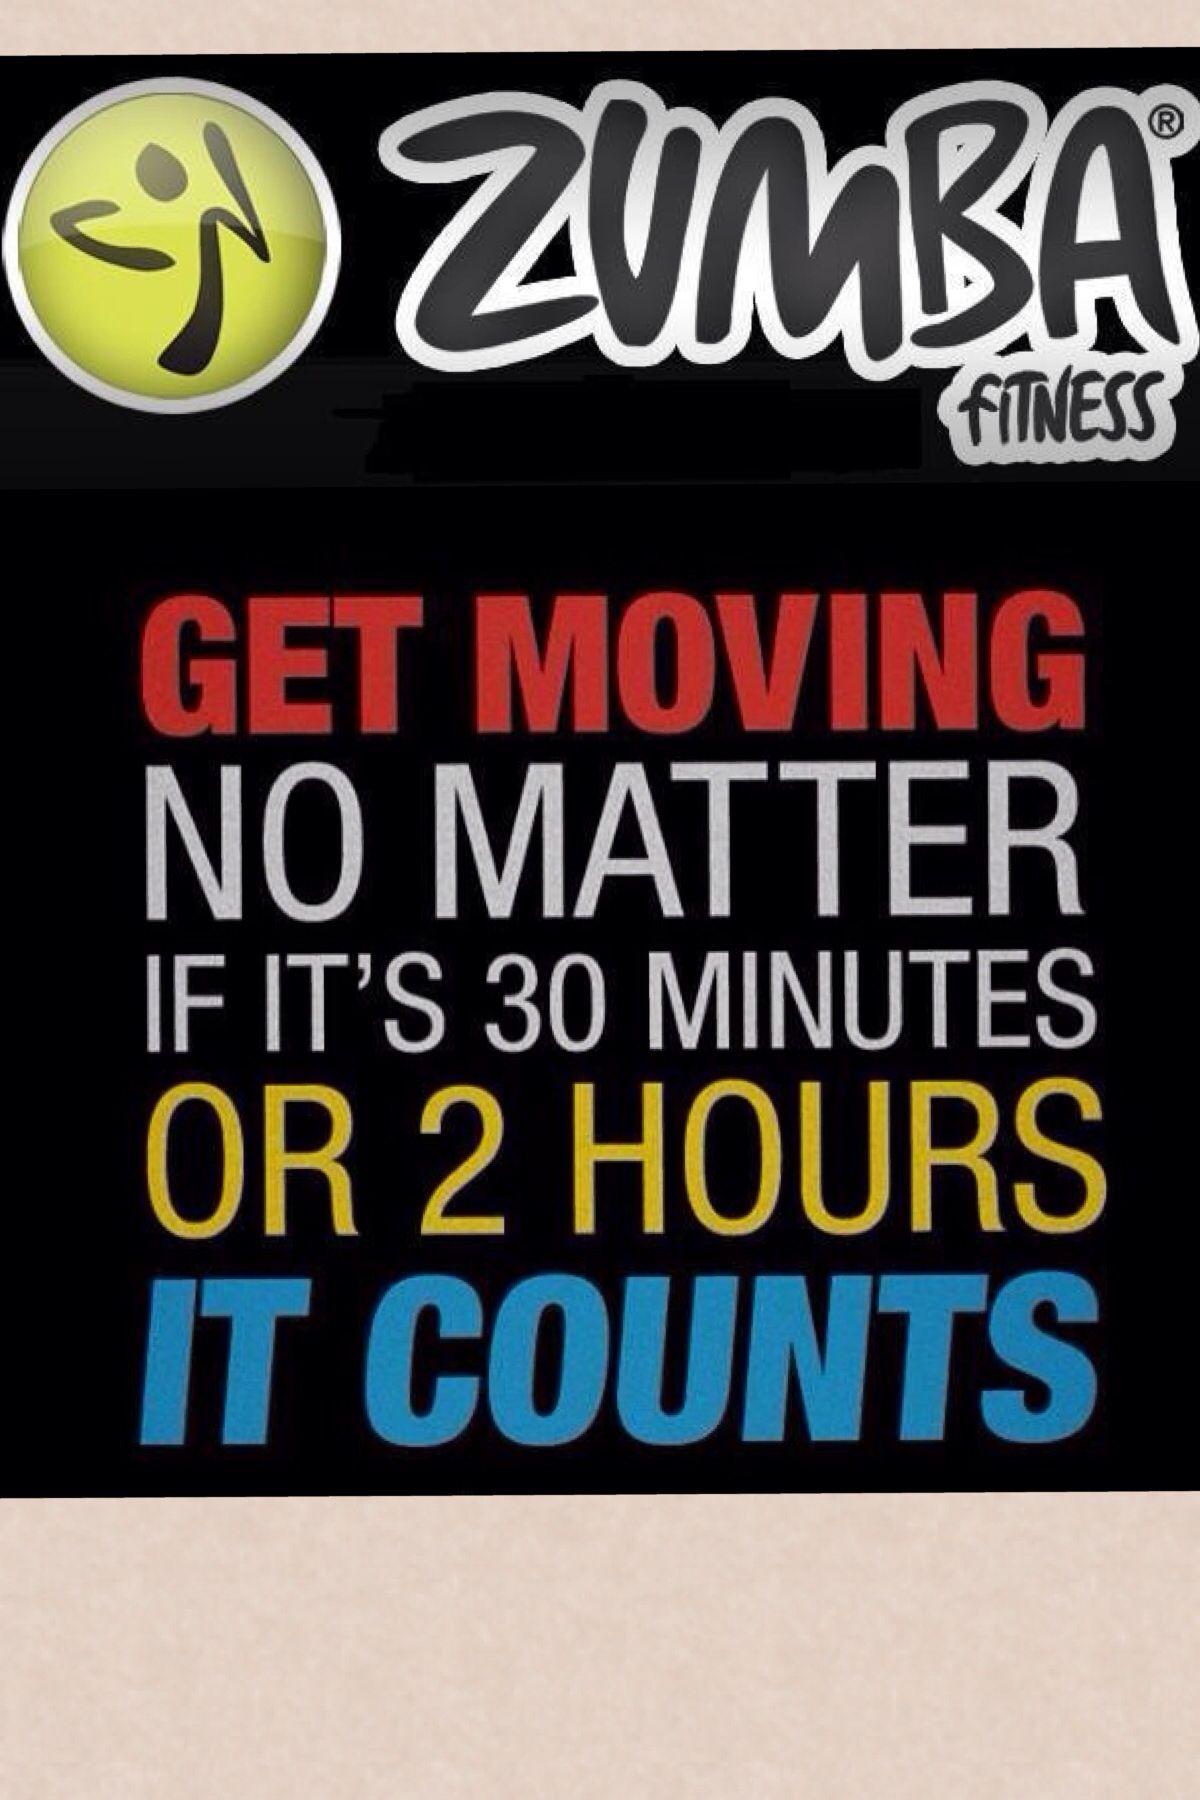 Move It Zumba Zumba Fitness Fitness Motivation